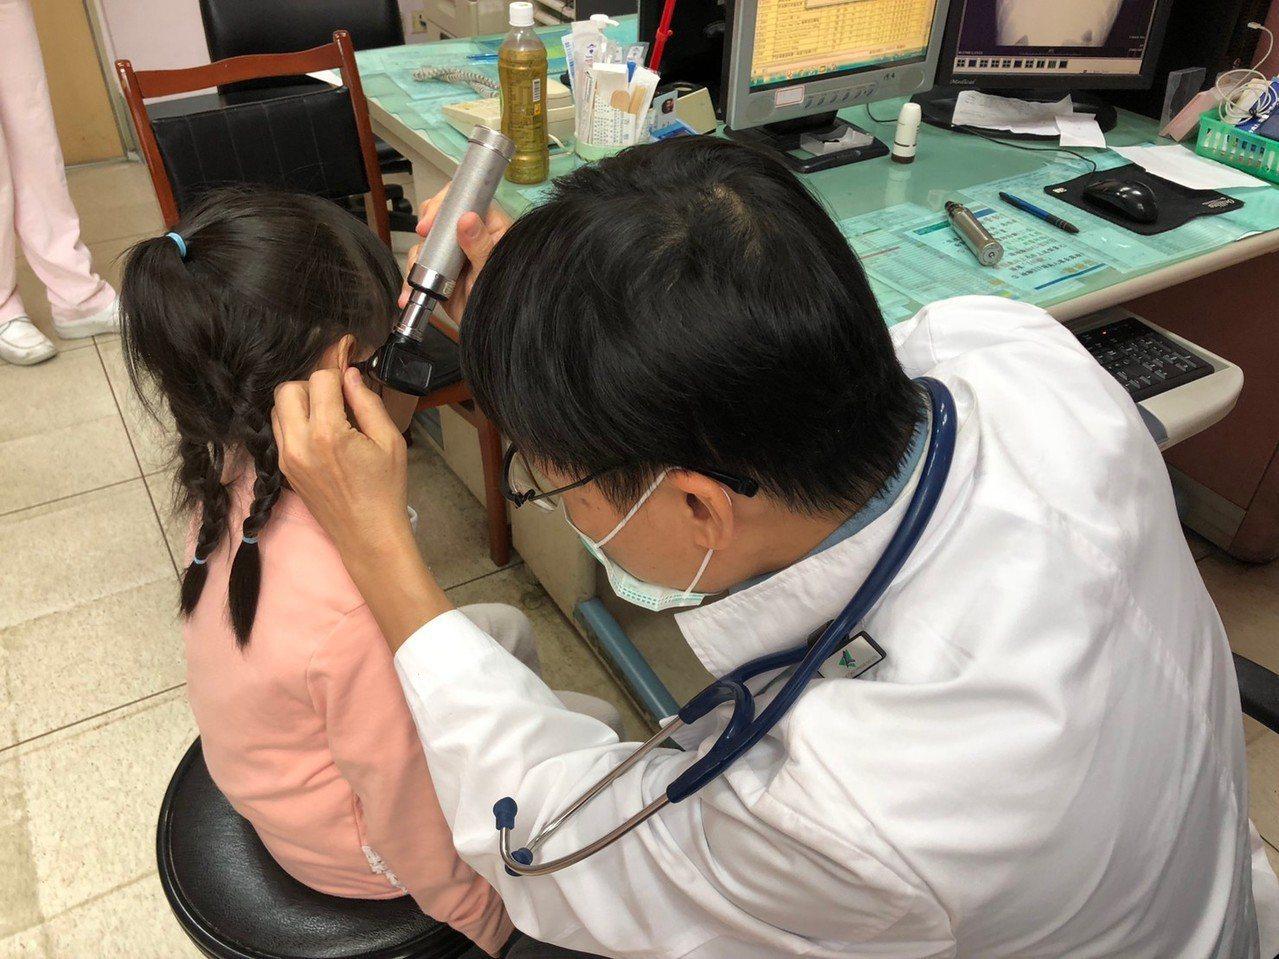 臉頷腫像含糖果原來是「親吻病毒」惹禍 醫:少玩親親